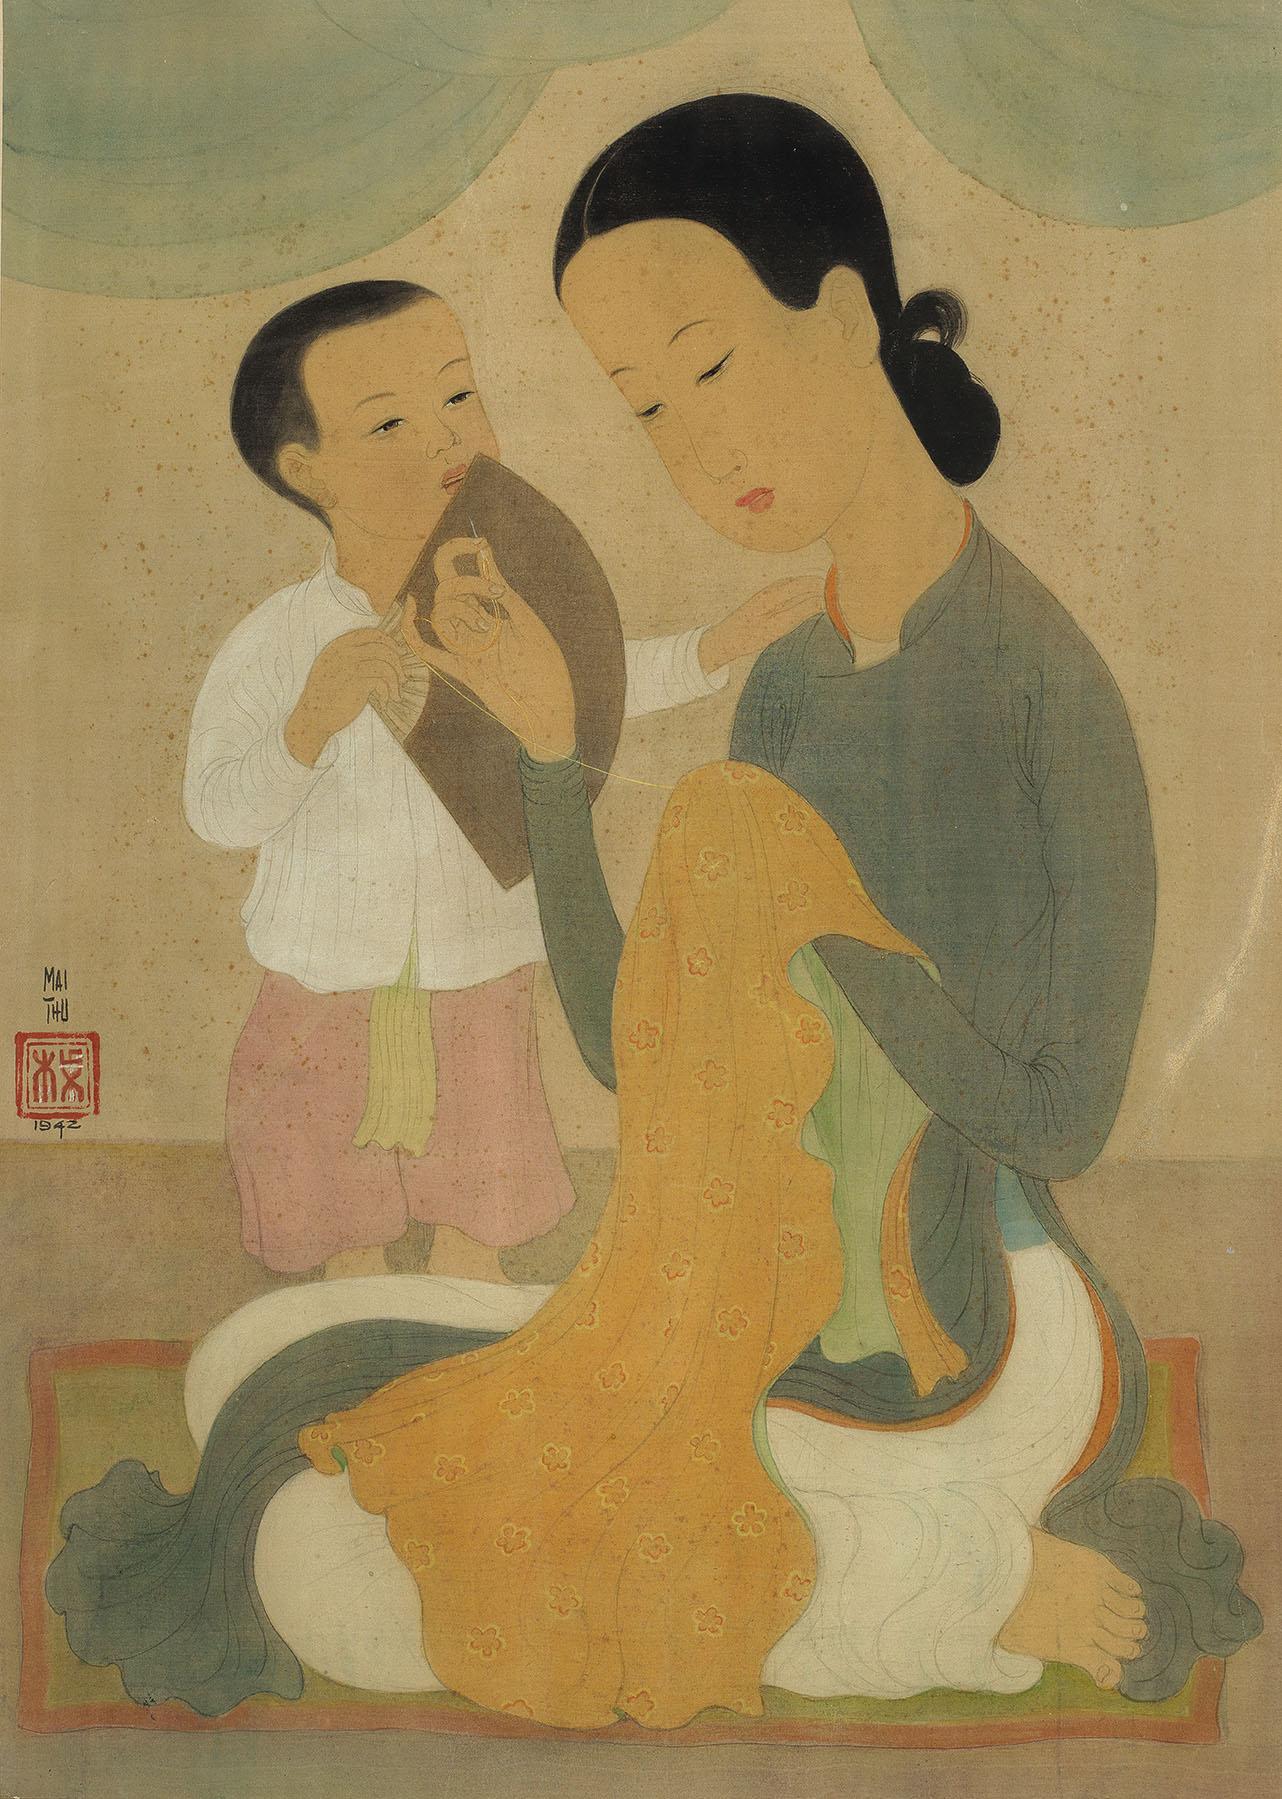 Mére et enfant (Mother and Child)